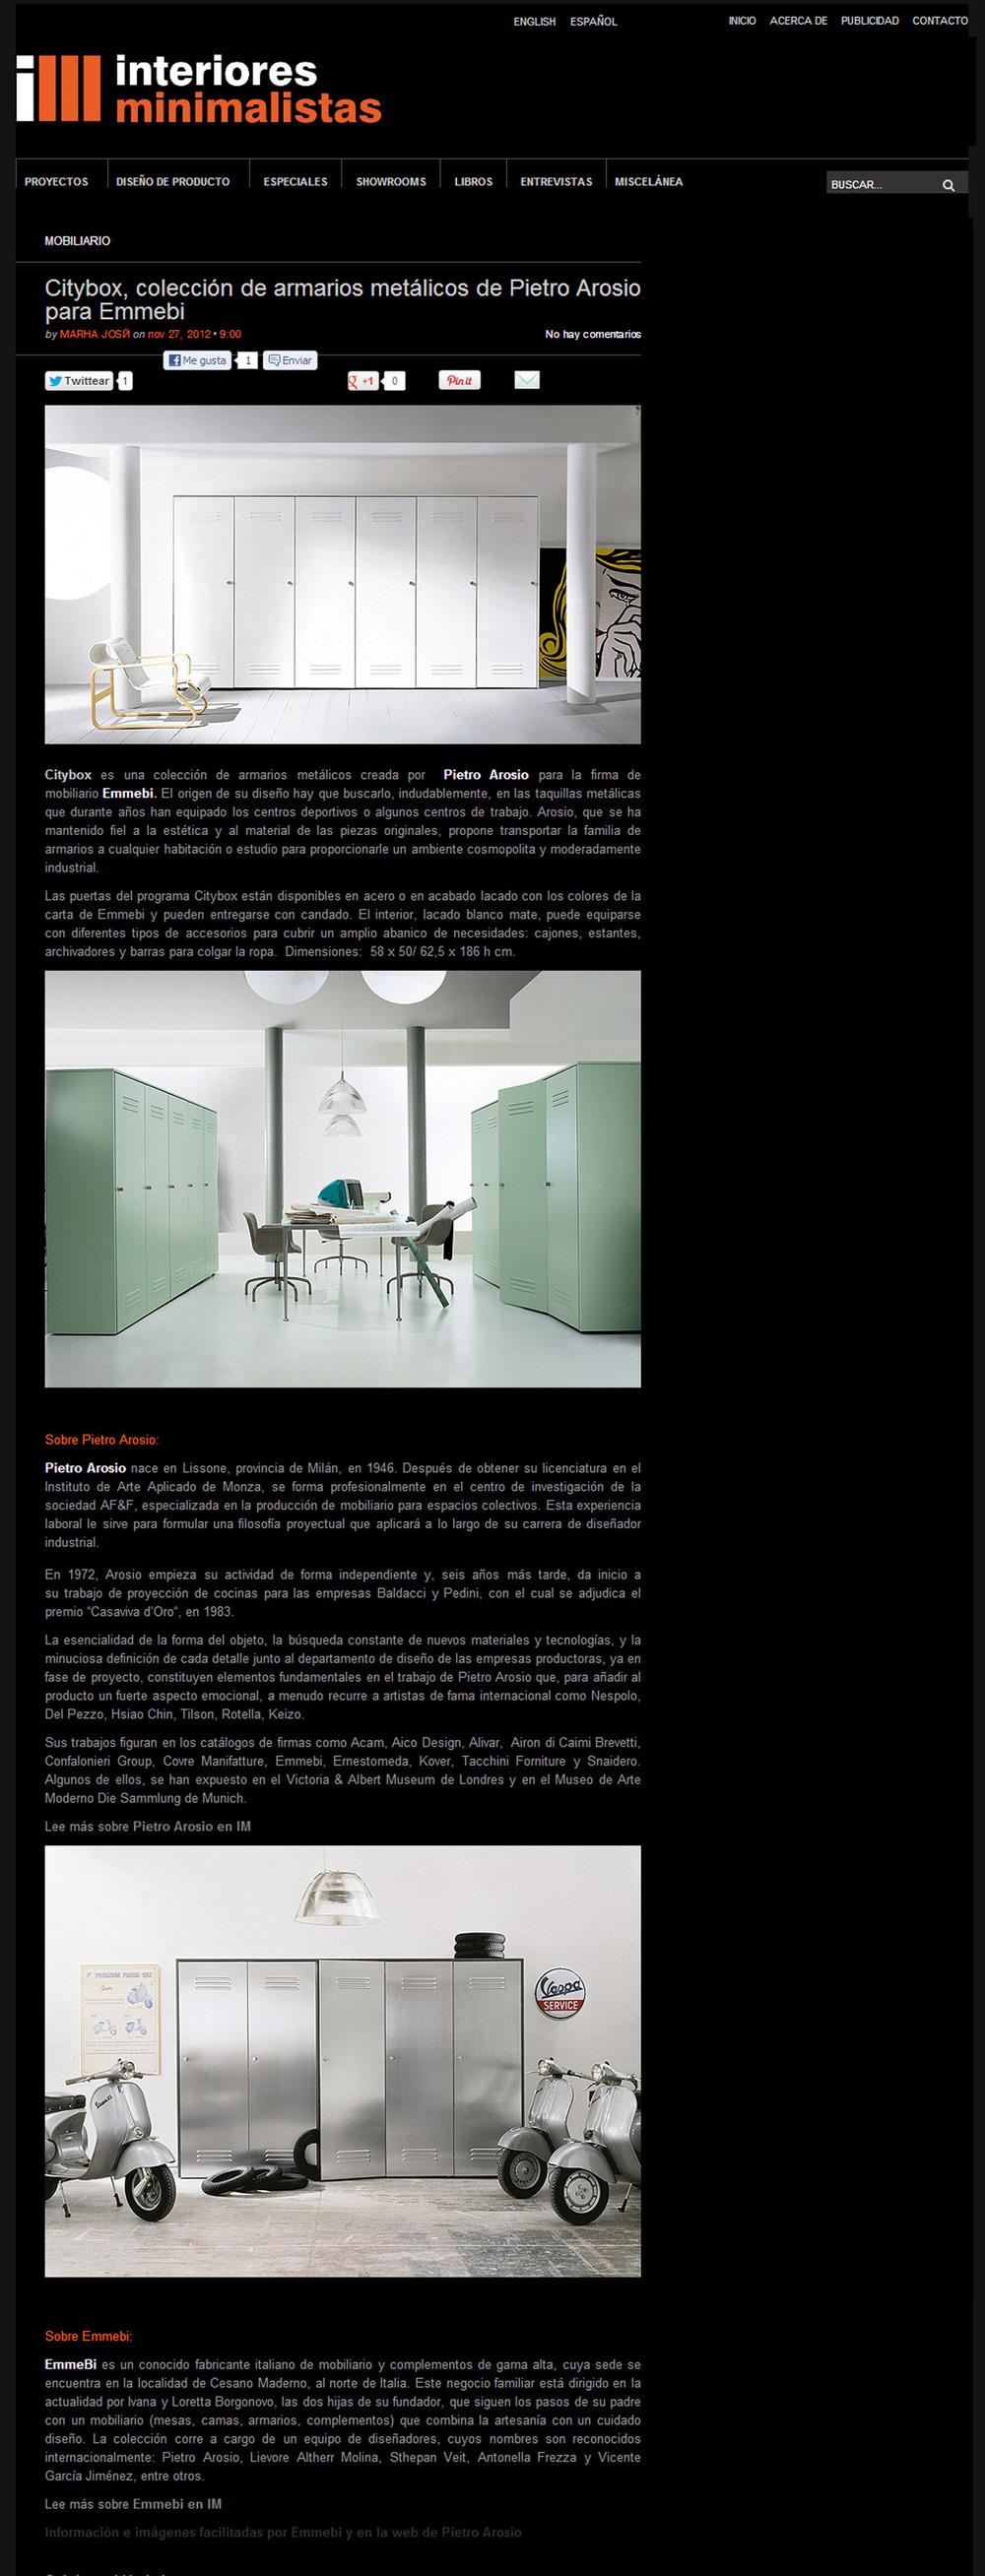 www.interioresminimalistas.com 27 Novembre 2012 Spagna.jpg